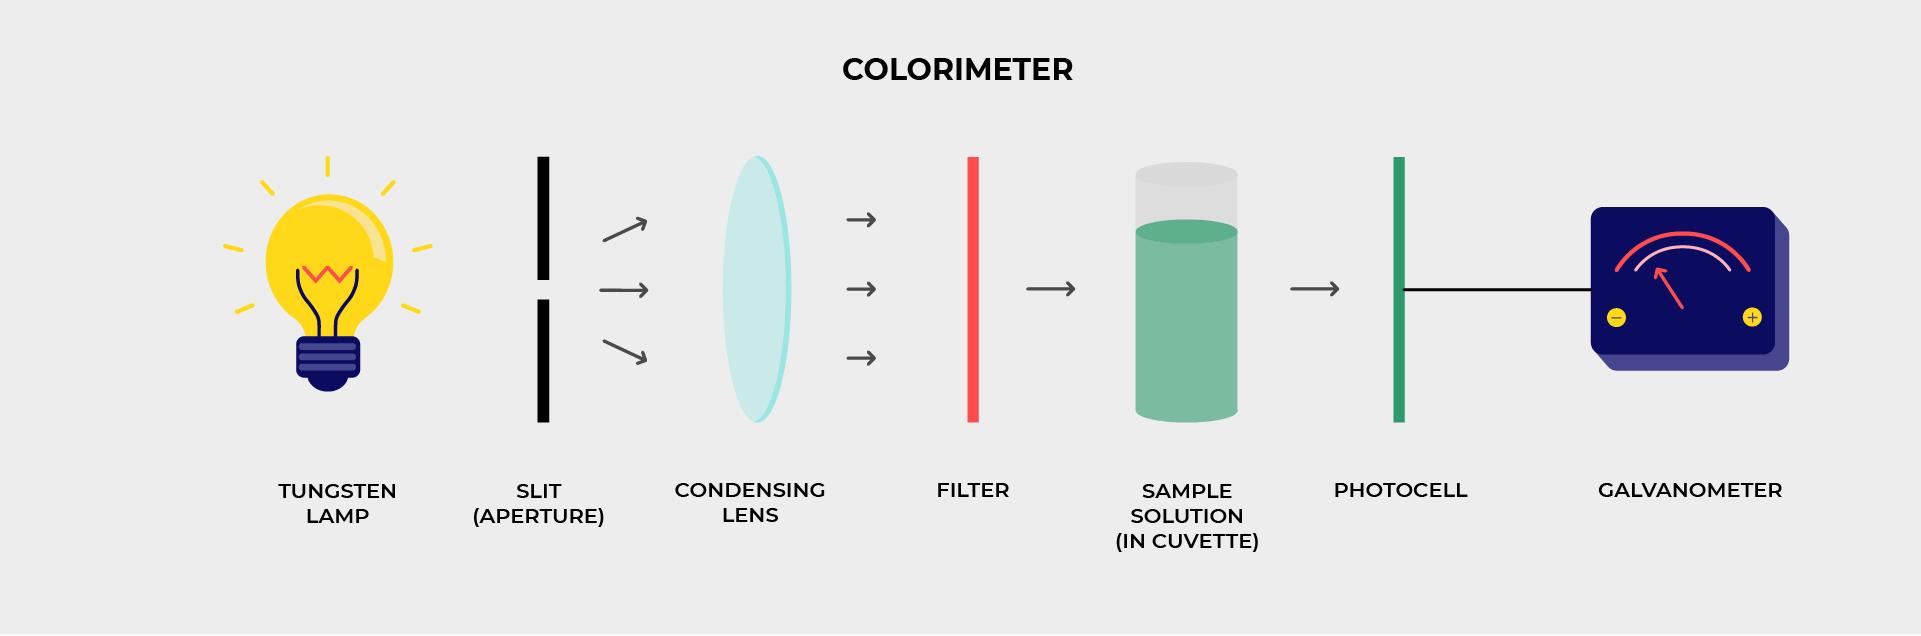 Colorimeter_new